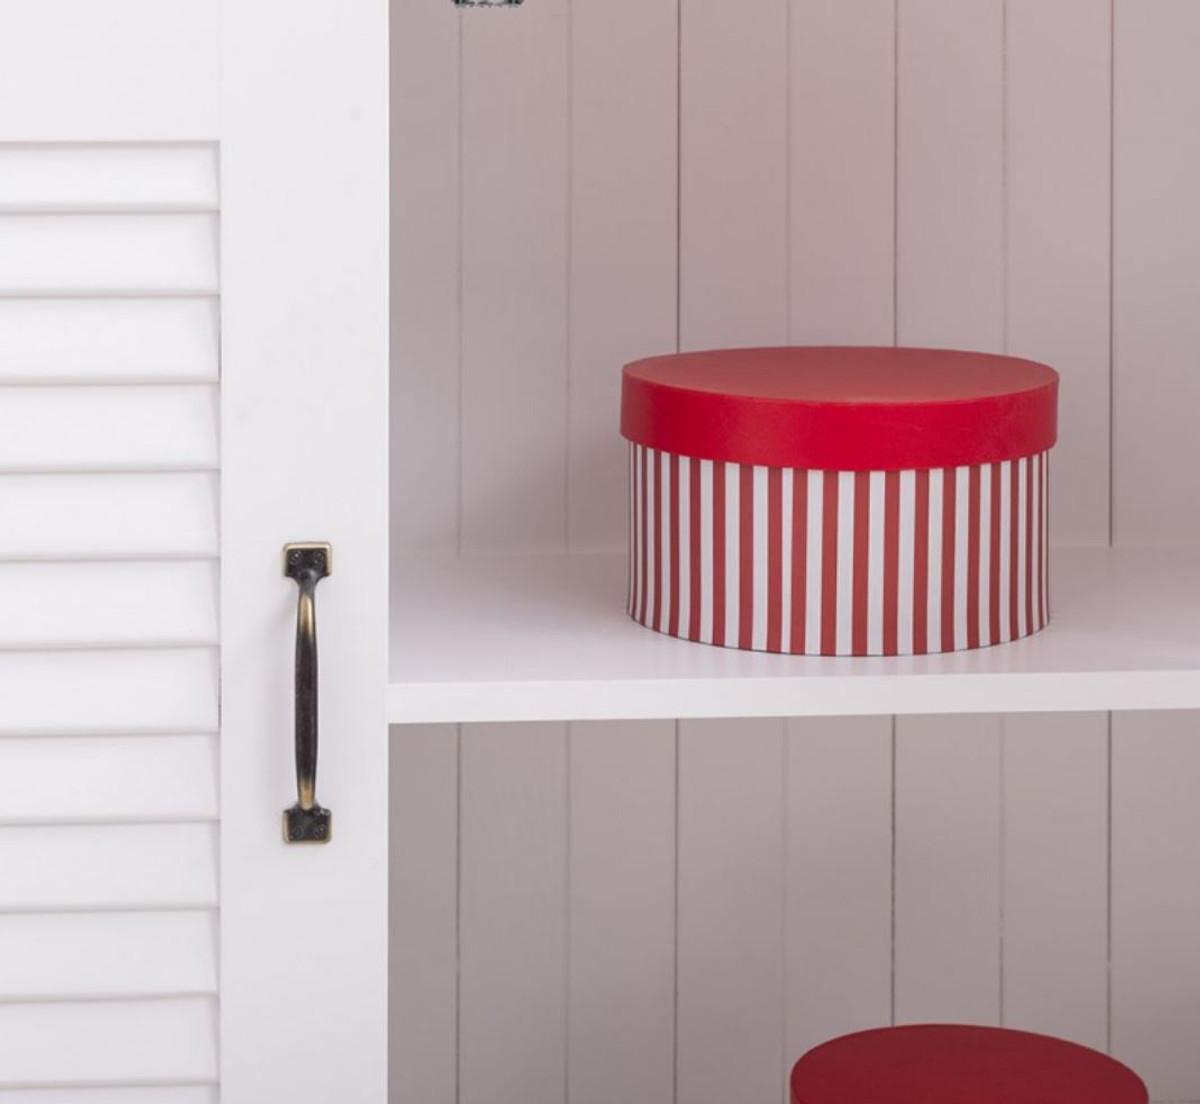 Casa Padrino Landhausstil Massivholz Schrank mit 4 Türen Weiß 64 x 39 x H. 210 cm - Regalschrank - Wohnzimmerschrank - Vitrinenschrank - Landhausstil Möbel 5